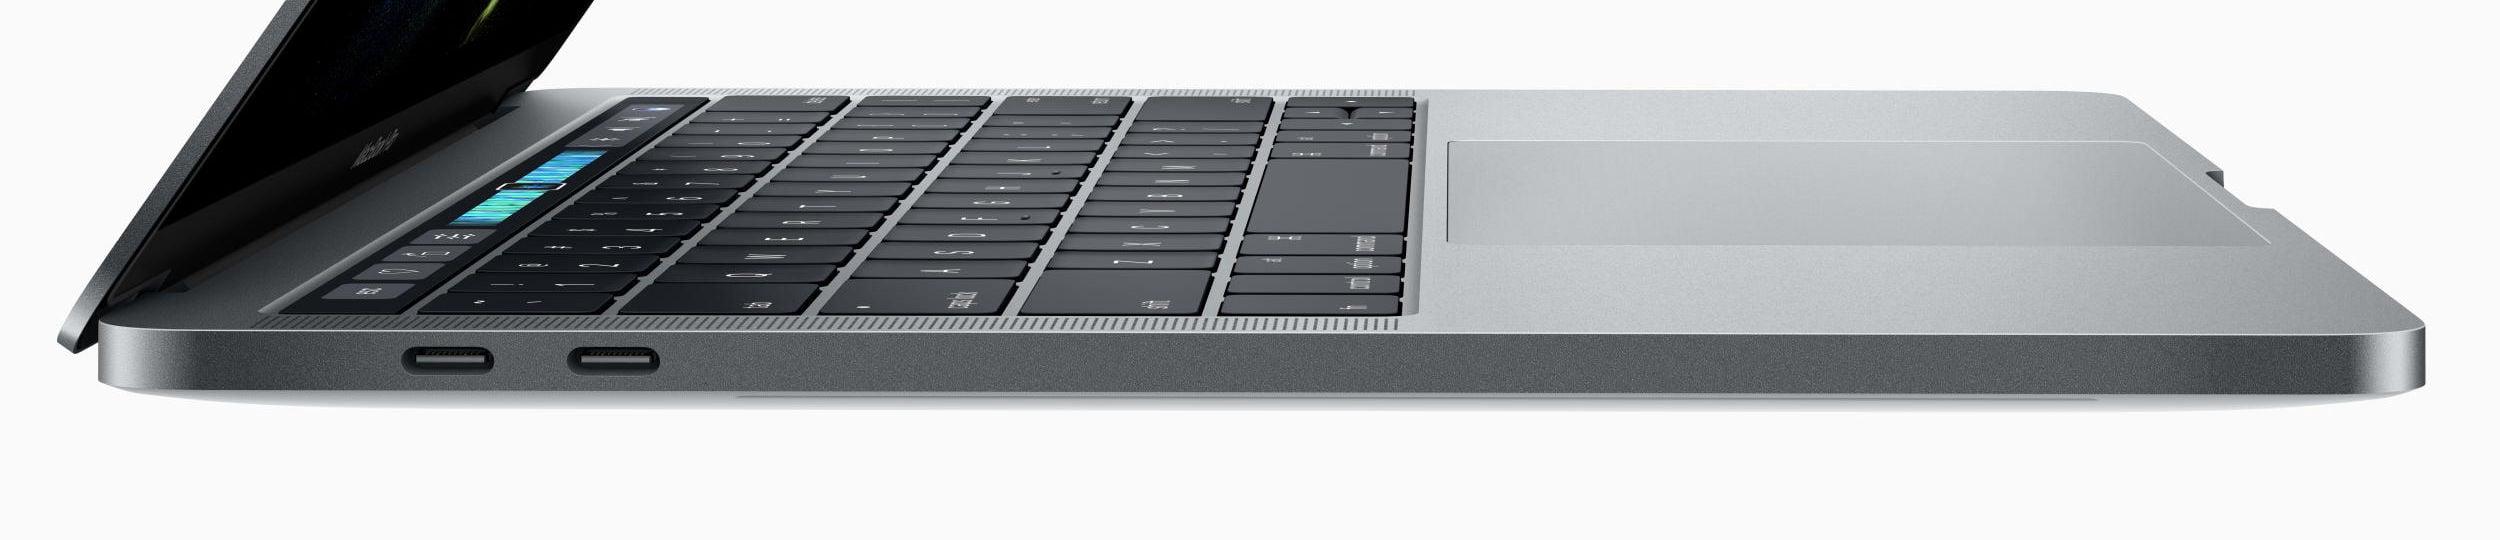 NewMacBookPro 04